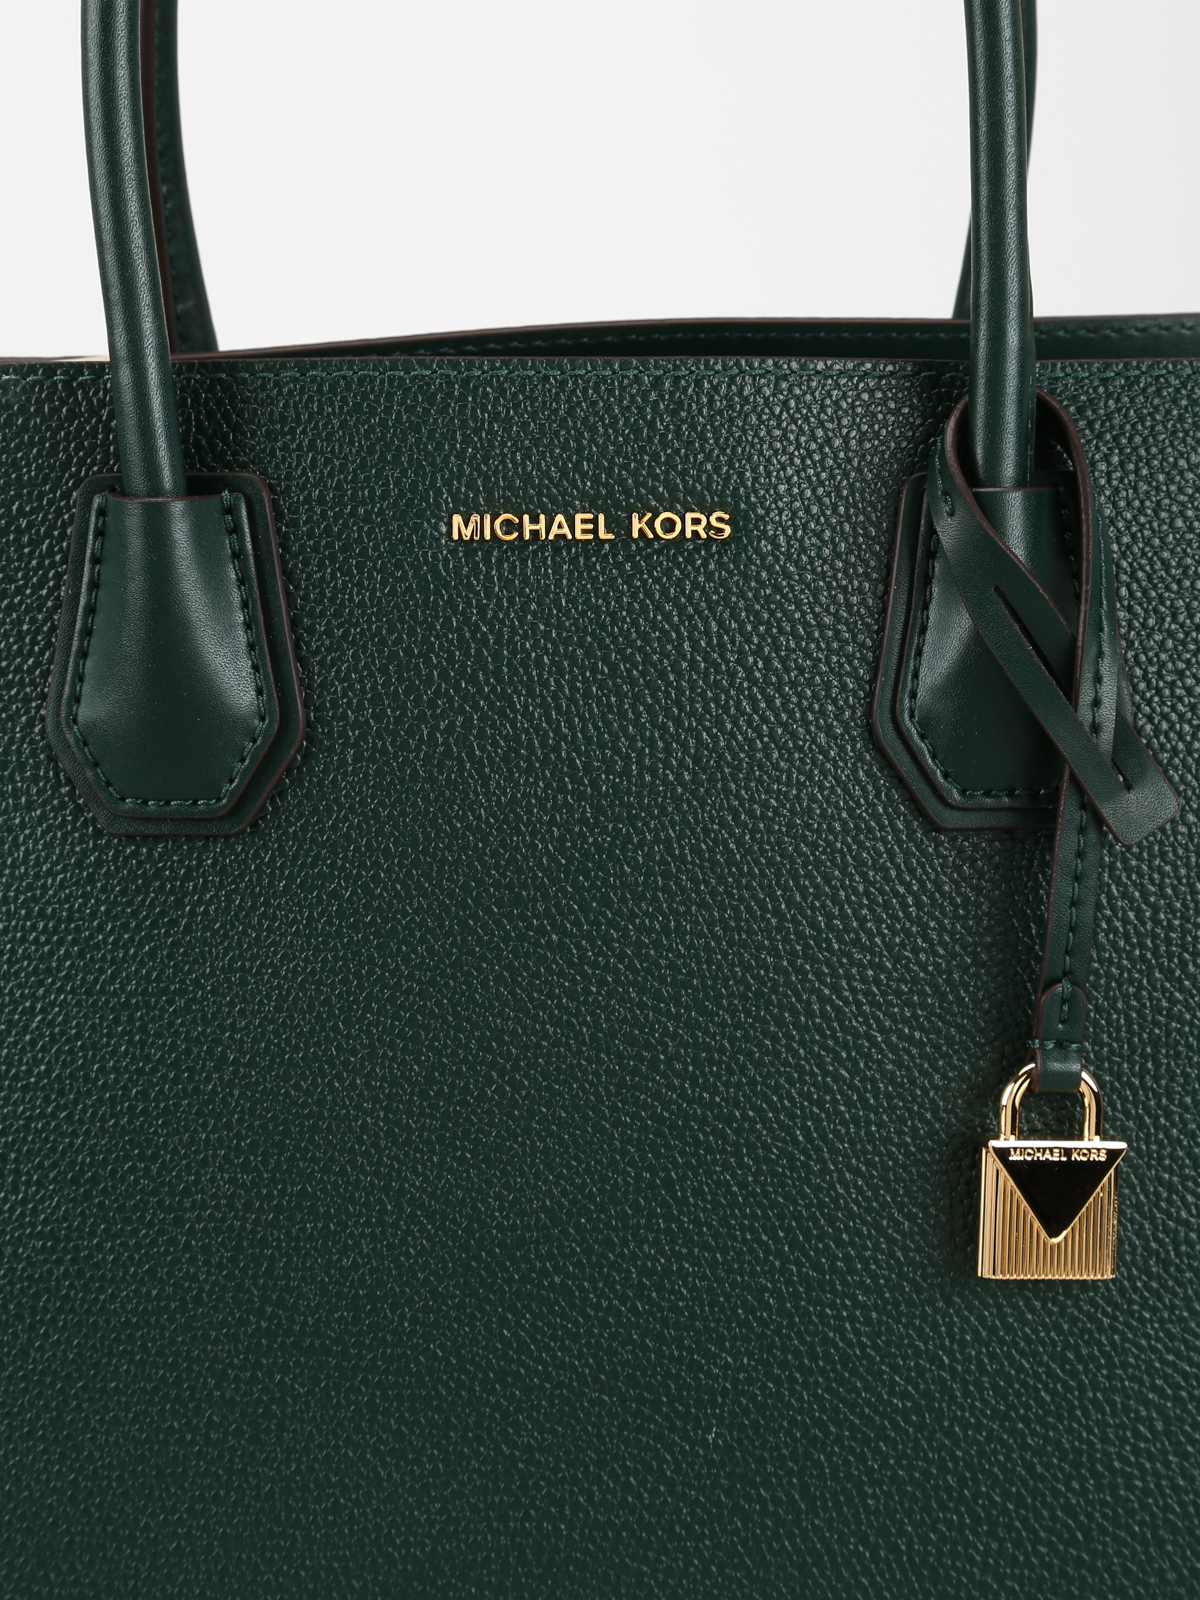 b51406b406d6 Michael Kors - Mercer dark green accordion large tote - totes bags ...